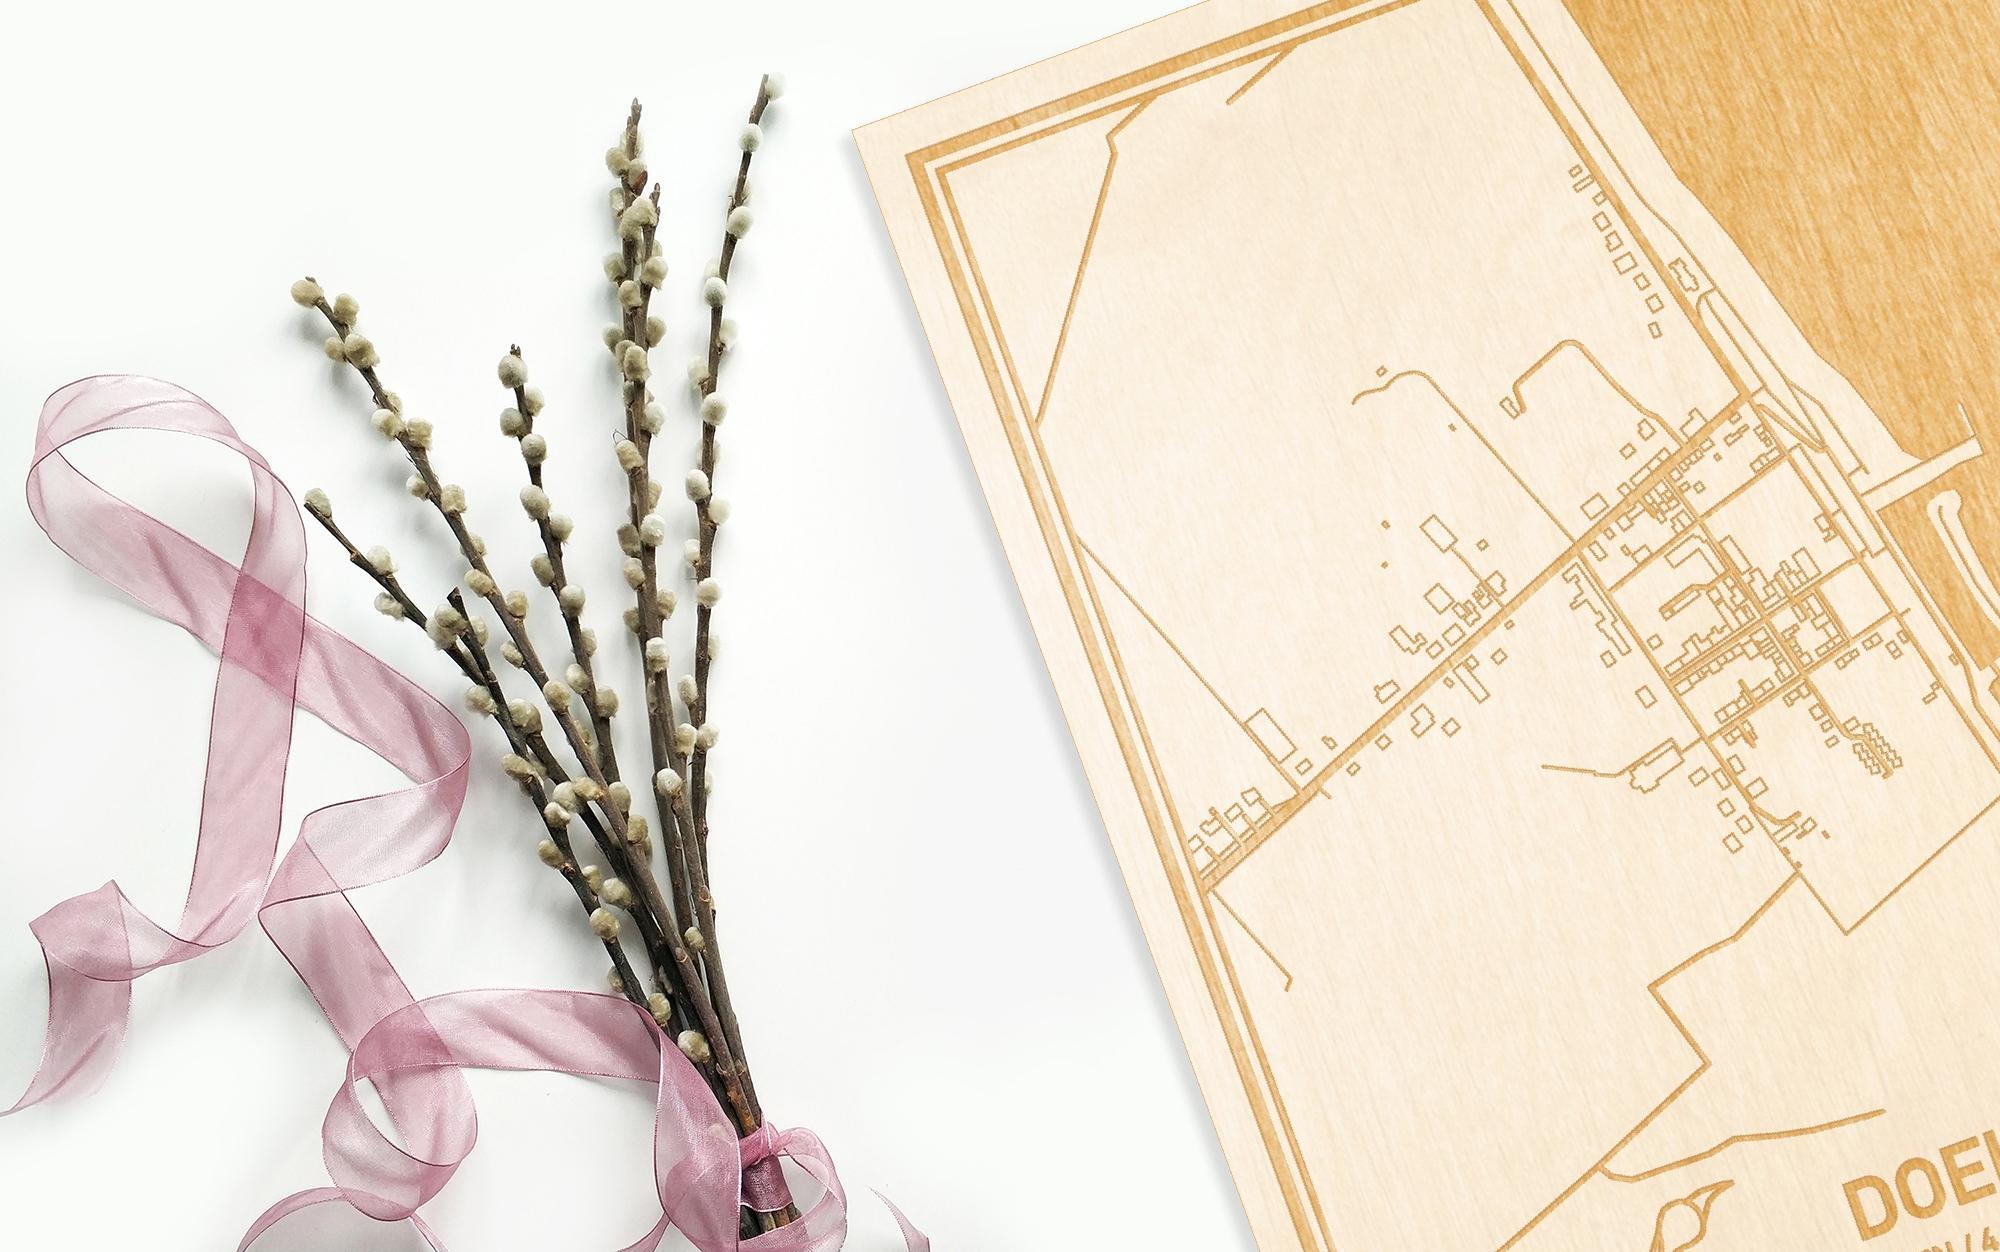 Hier ligt de houten plattegrond Doel naast een bloemetje als gepersonaliseerd cadeau voor haar.